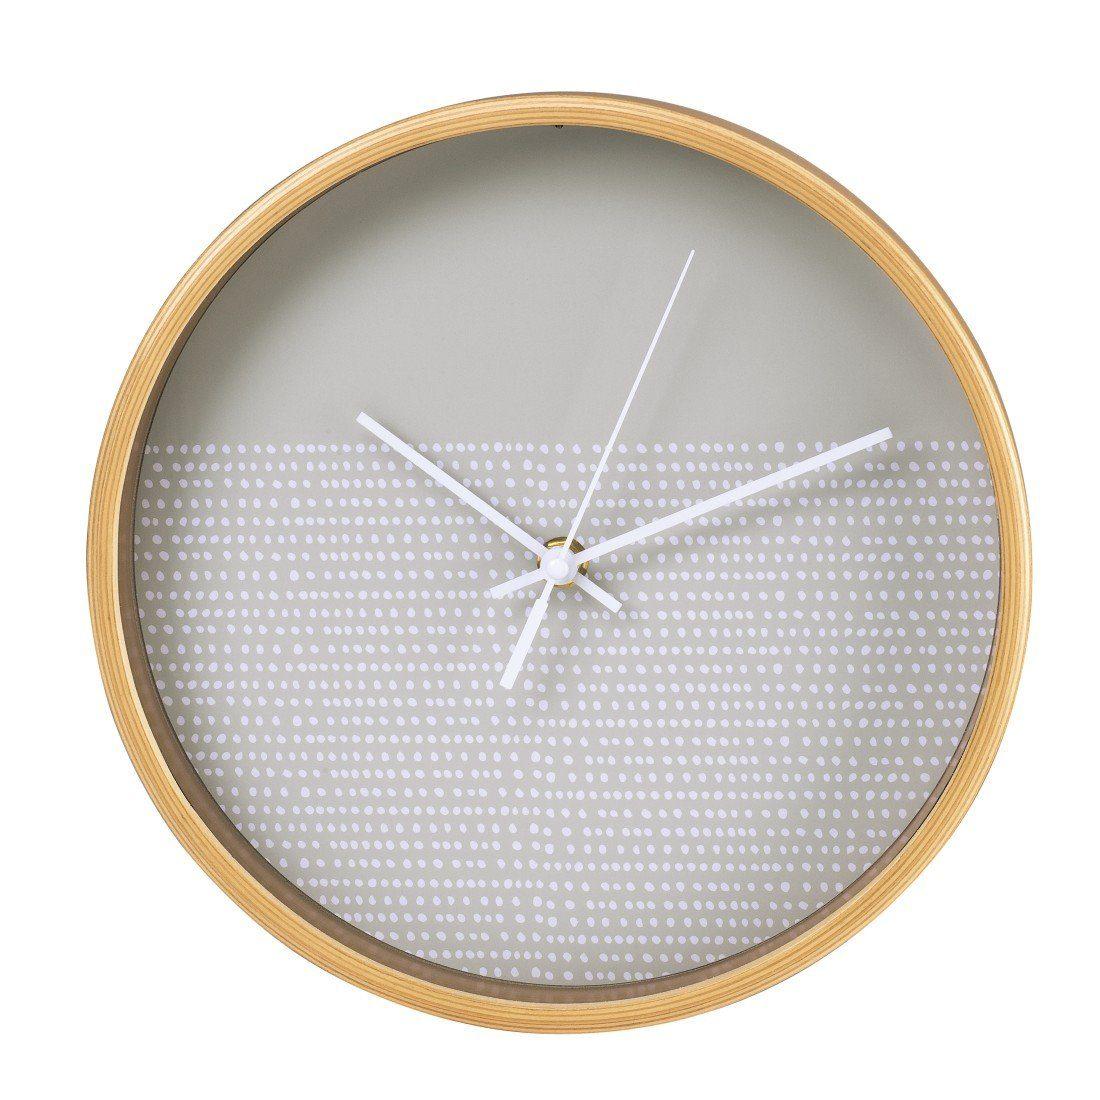 Hama Wanduhr geräuscharme Uhr ohne Ticken, leise, 26 cm, Holz »modernes Punkte-Design, rund«